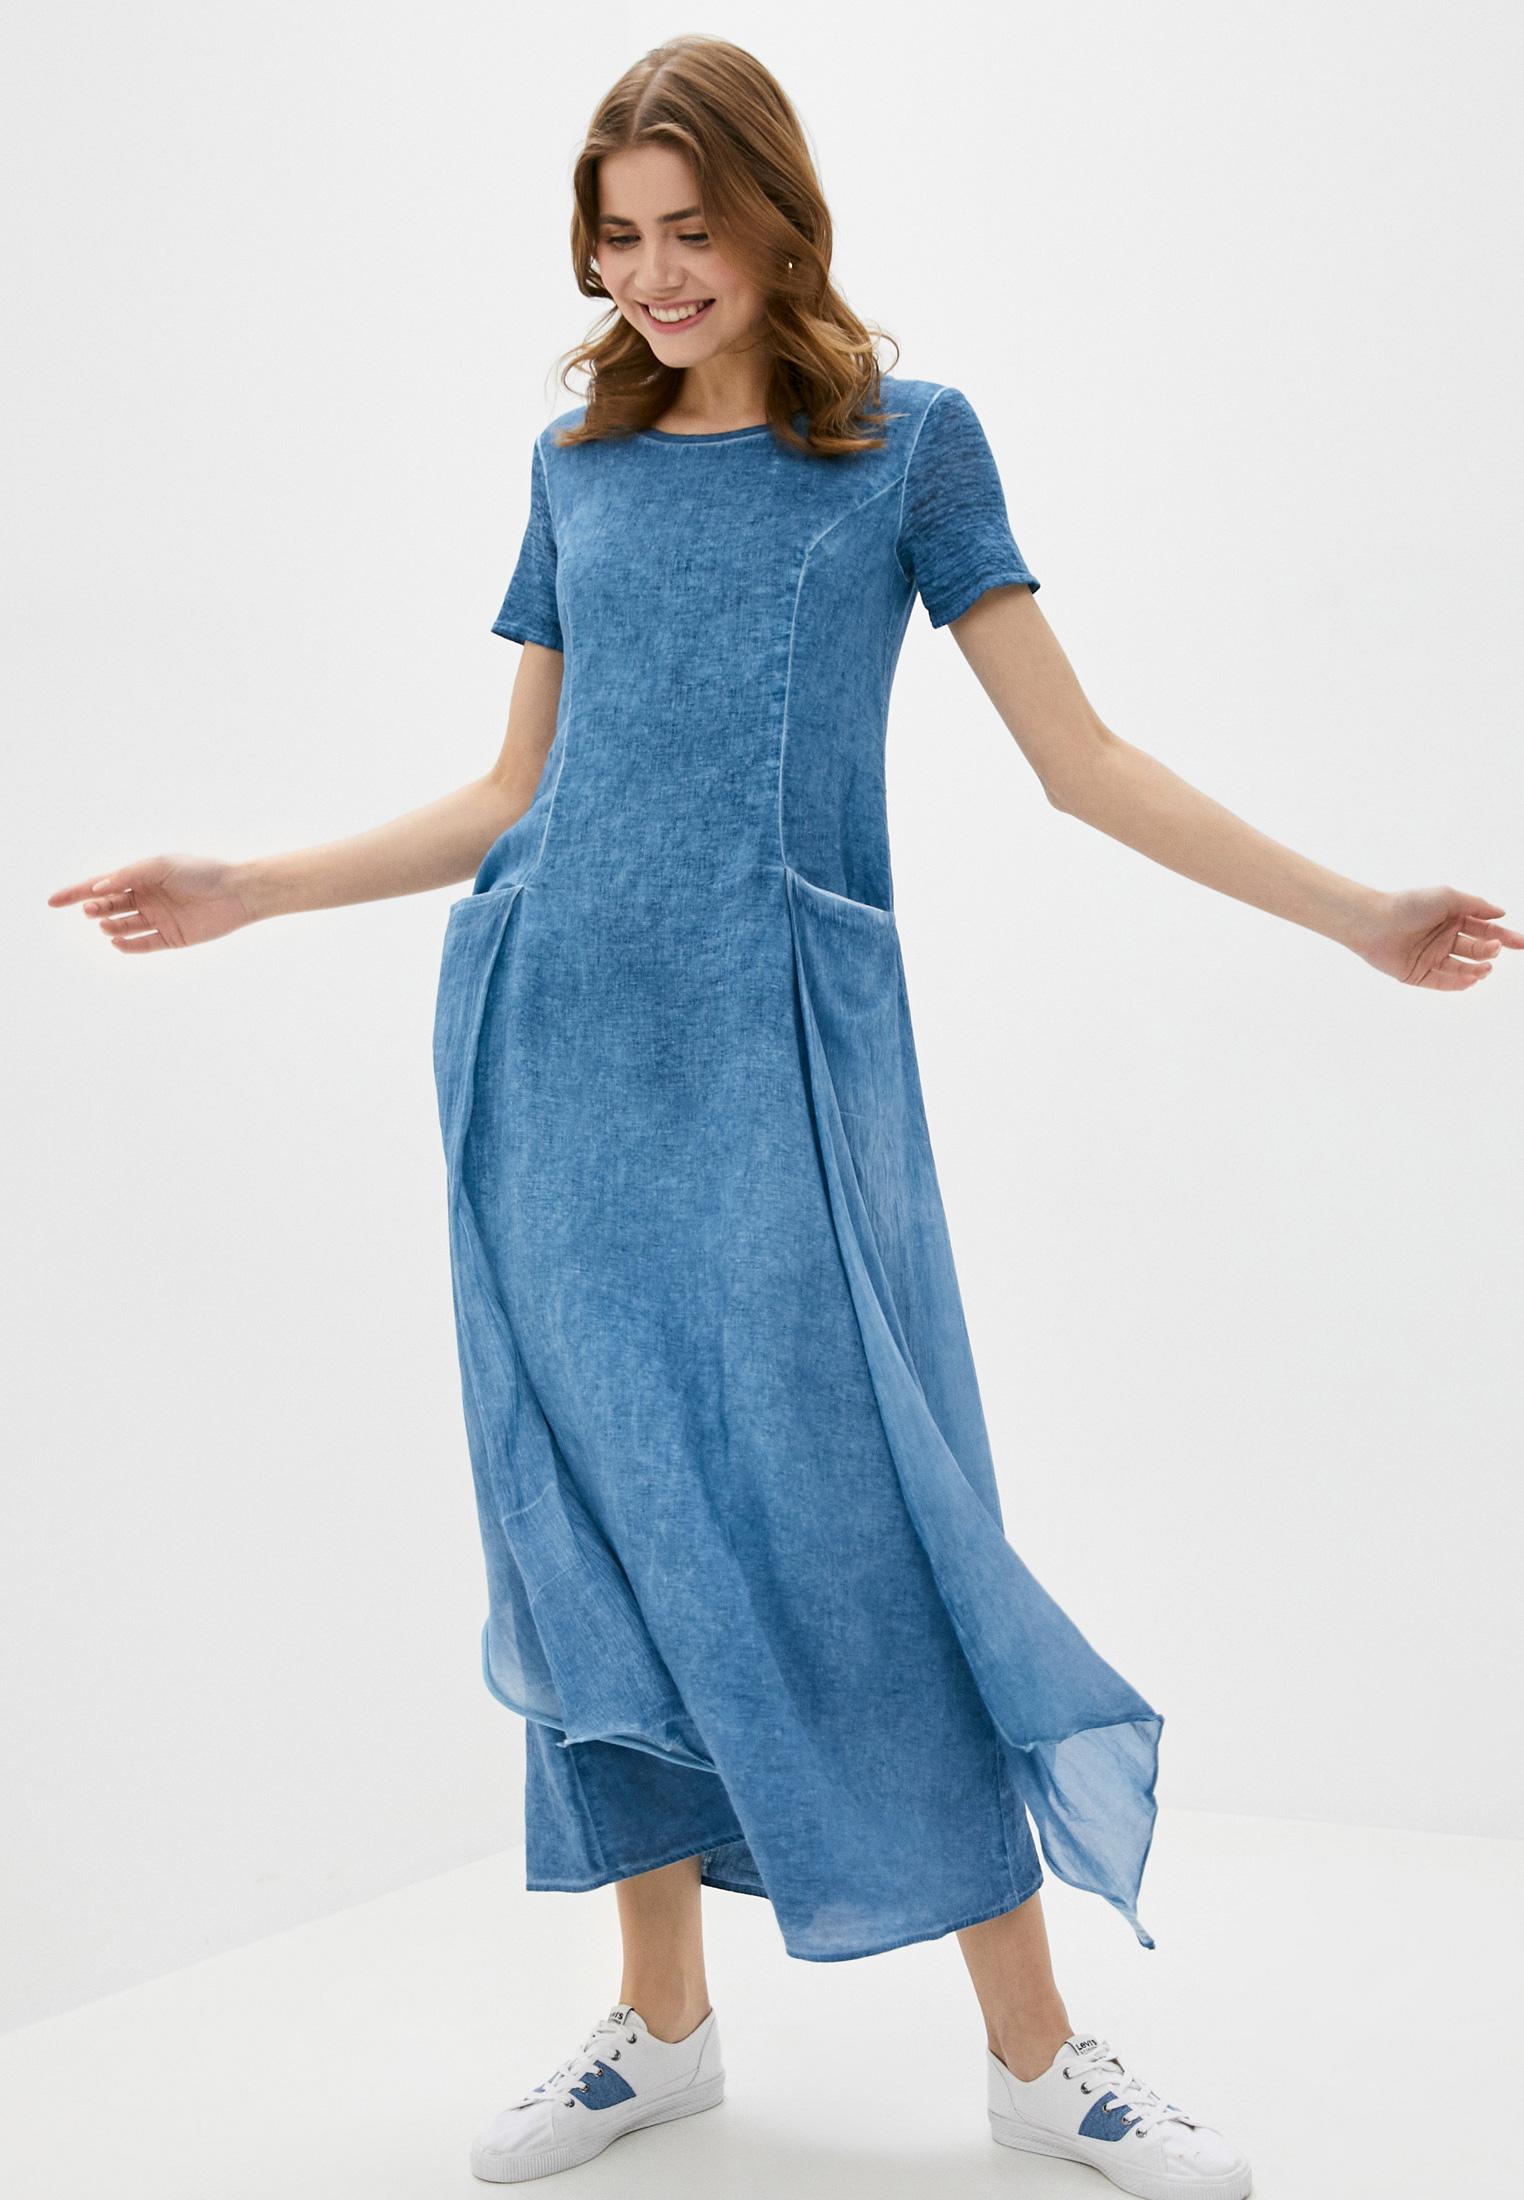 Платье джинсовое Agenda ЛУЧИА купить за в интернет-магазине Lamoda.ru